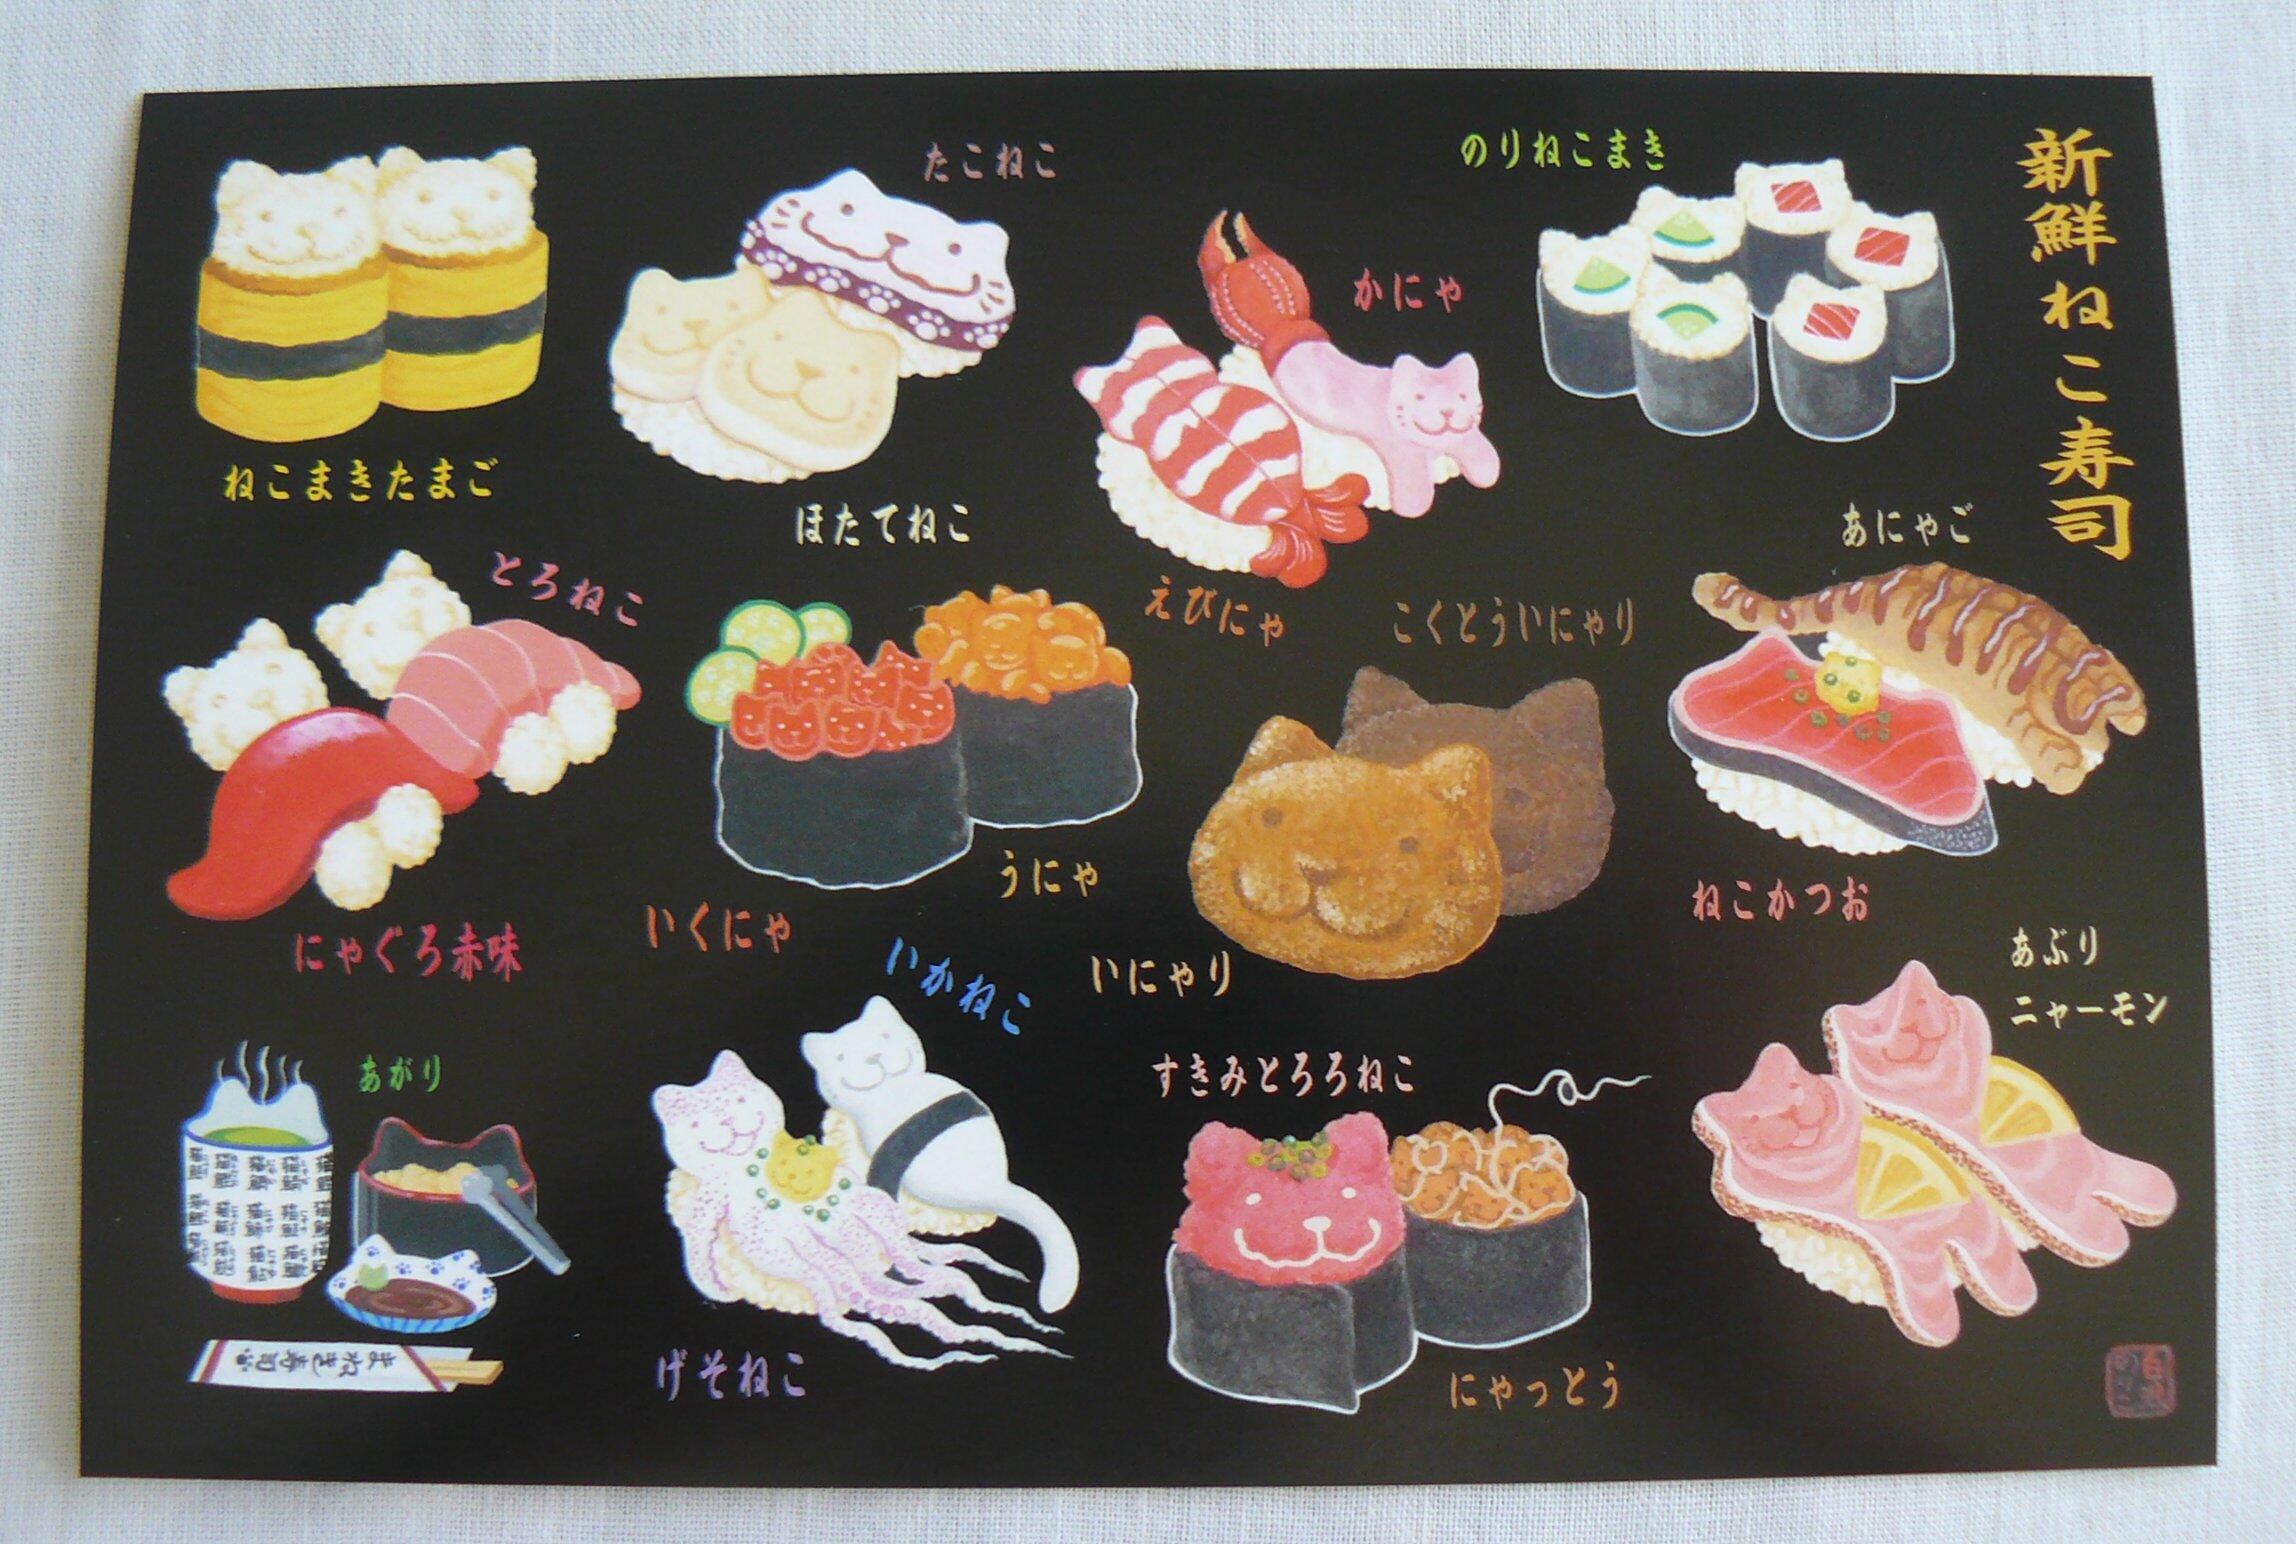 MOMOさんカード寿司